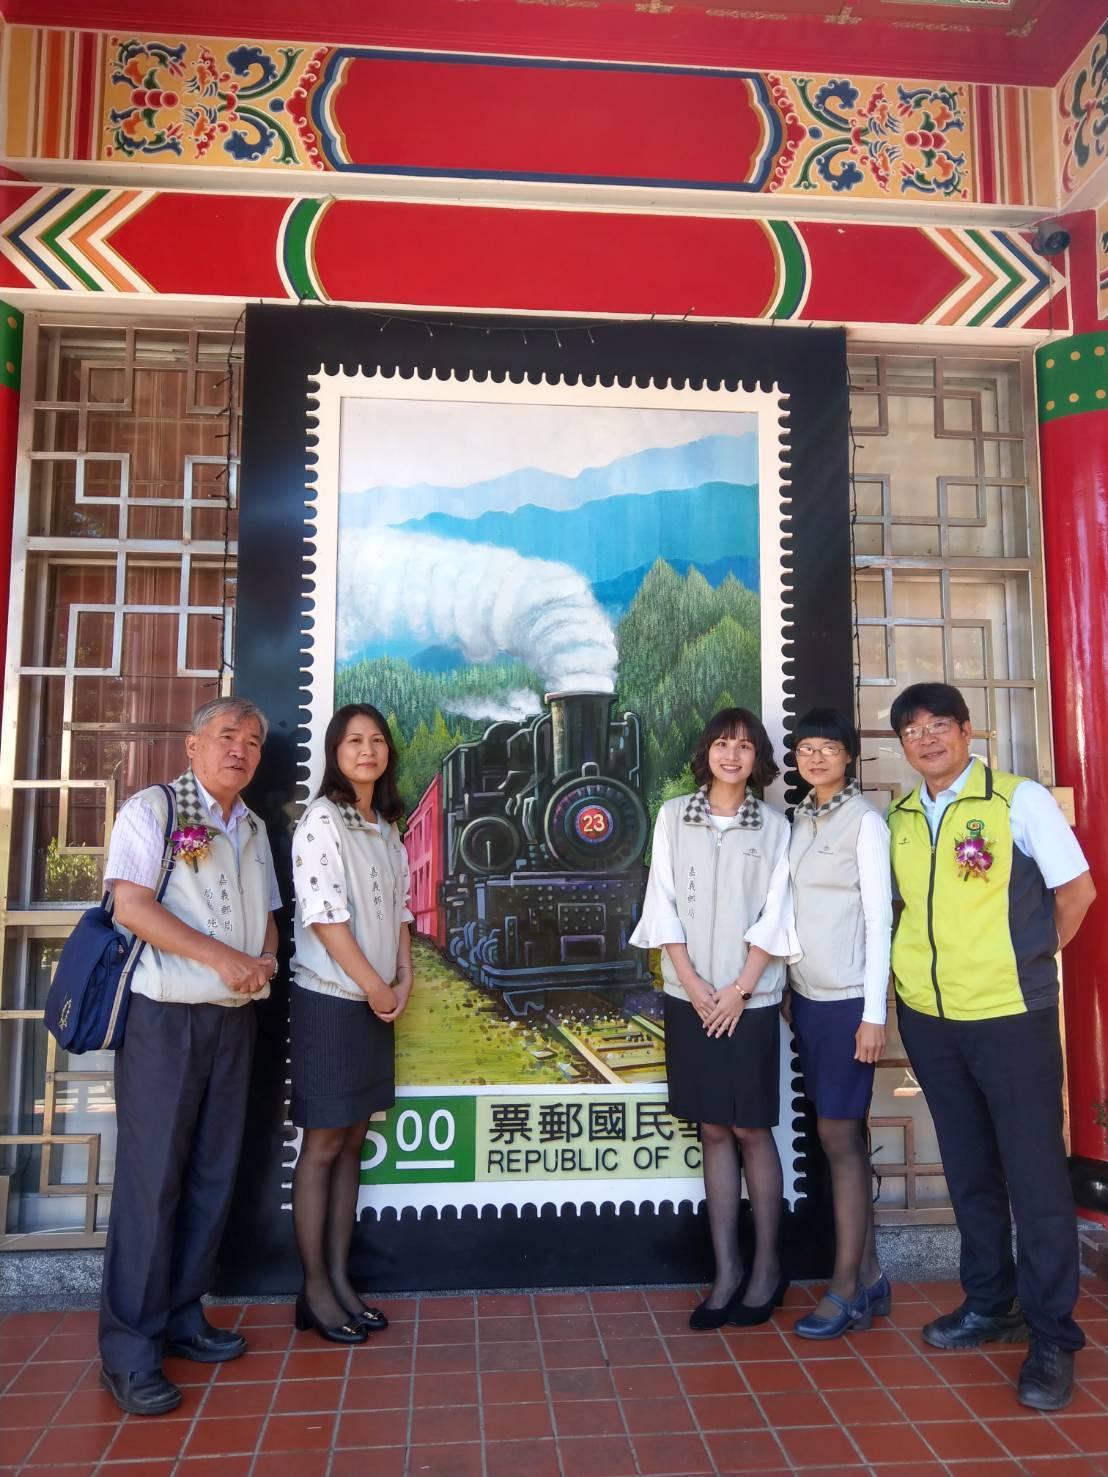 中華郵政去年推出的智慧i郵箱,現在進駐到全台海拔最高的郵局─阿里山郵局,昨天上午...